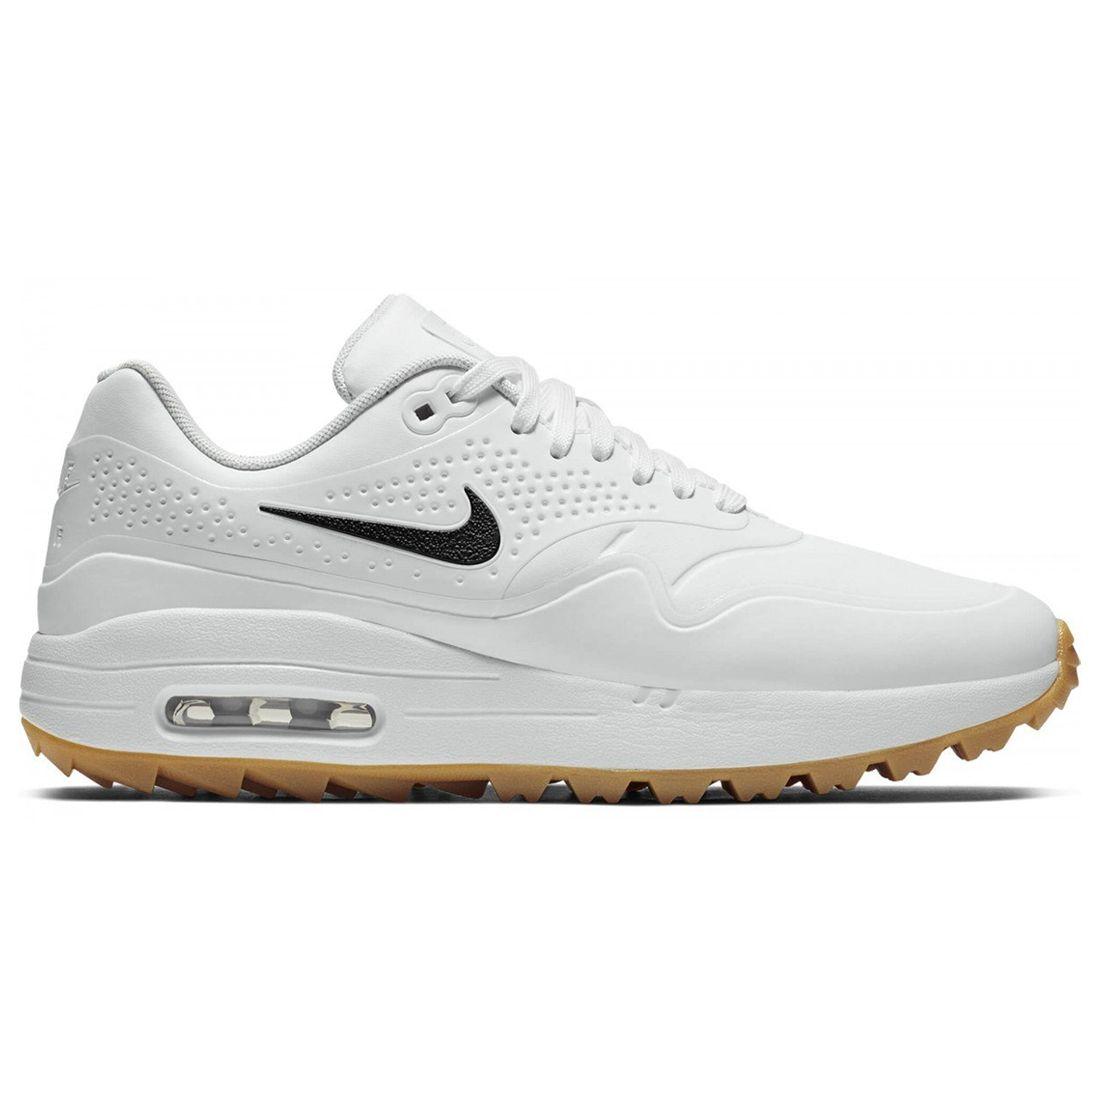 Buy Nike Air Max 1 G Golf Shoes White Gum Brown Golf Discount